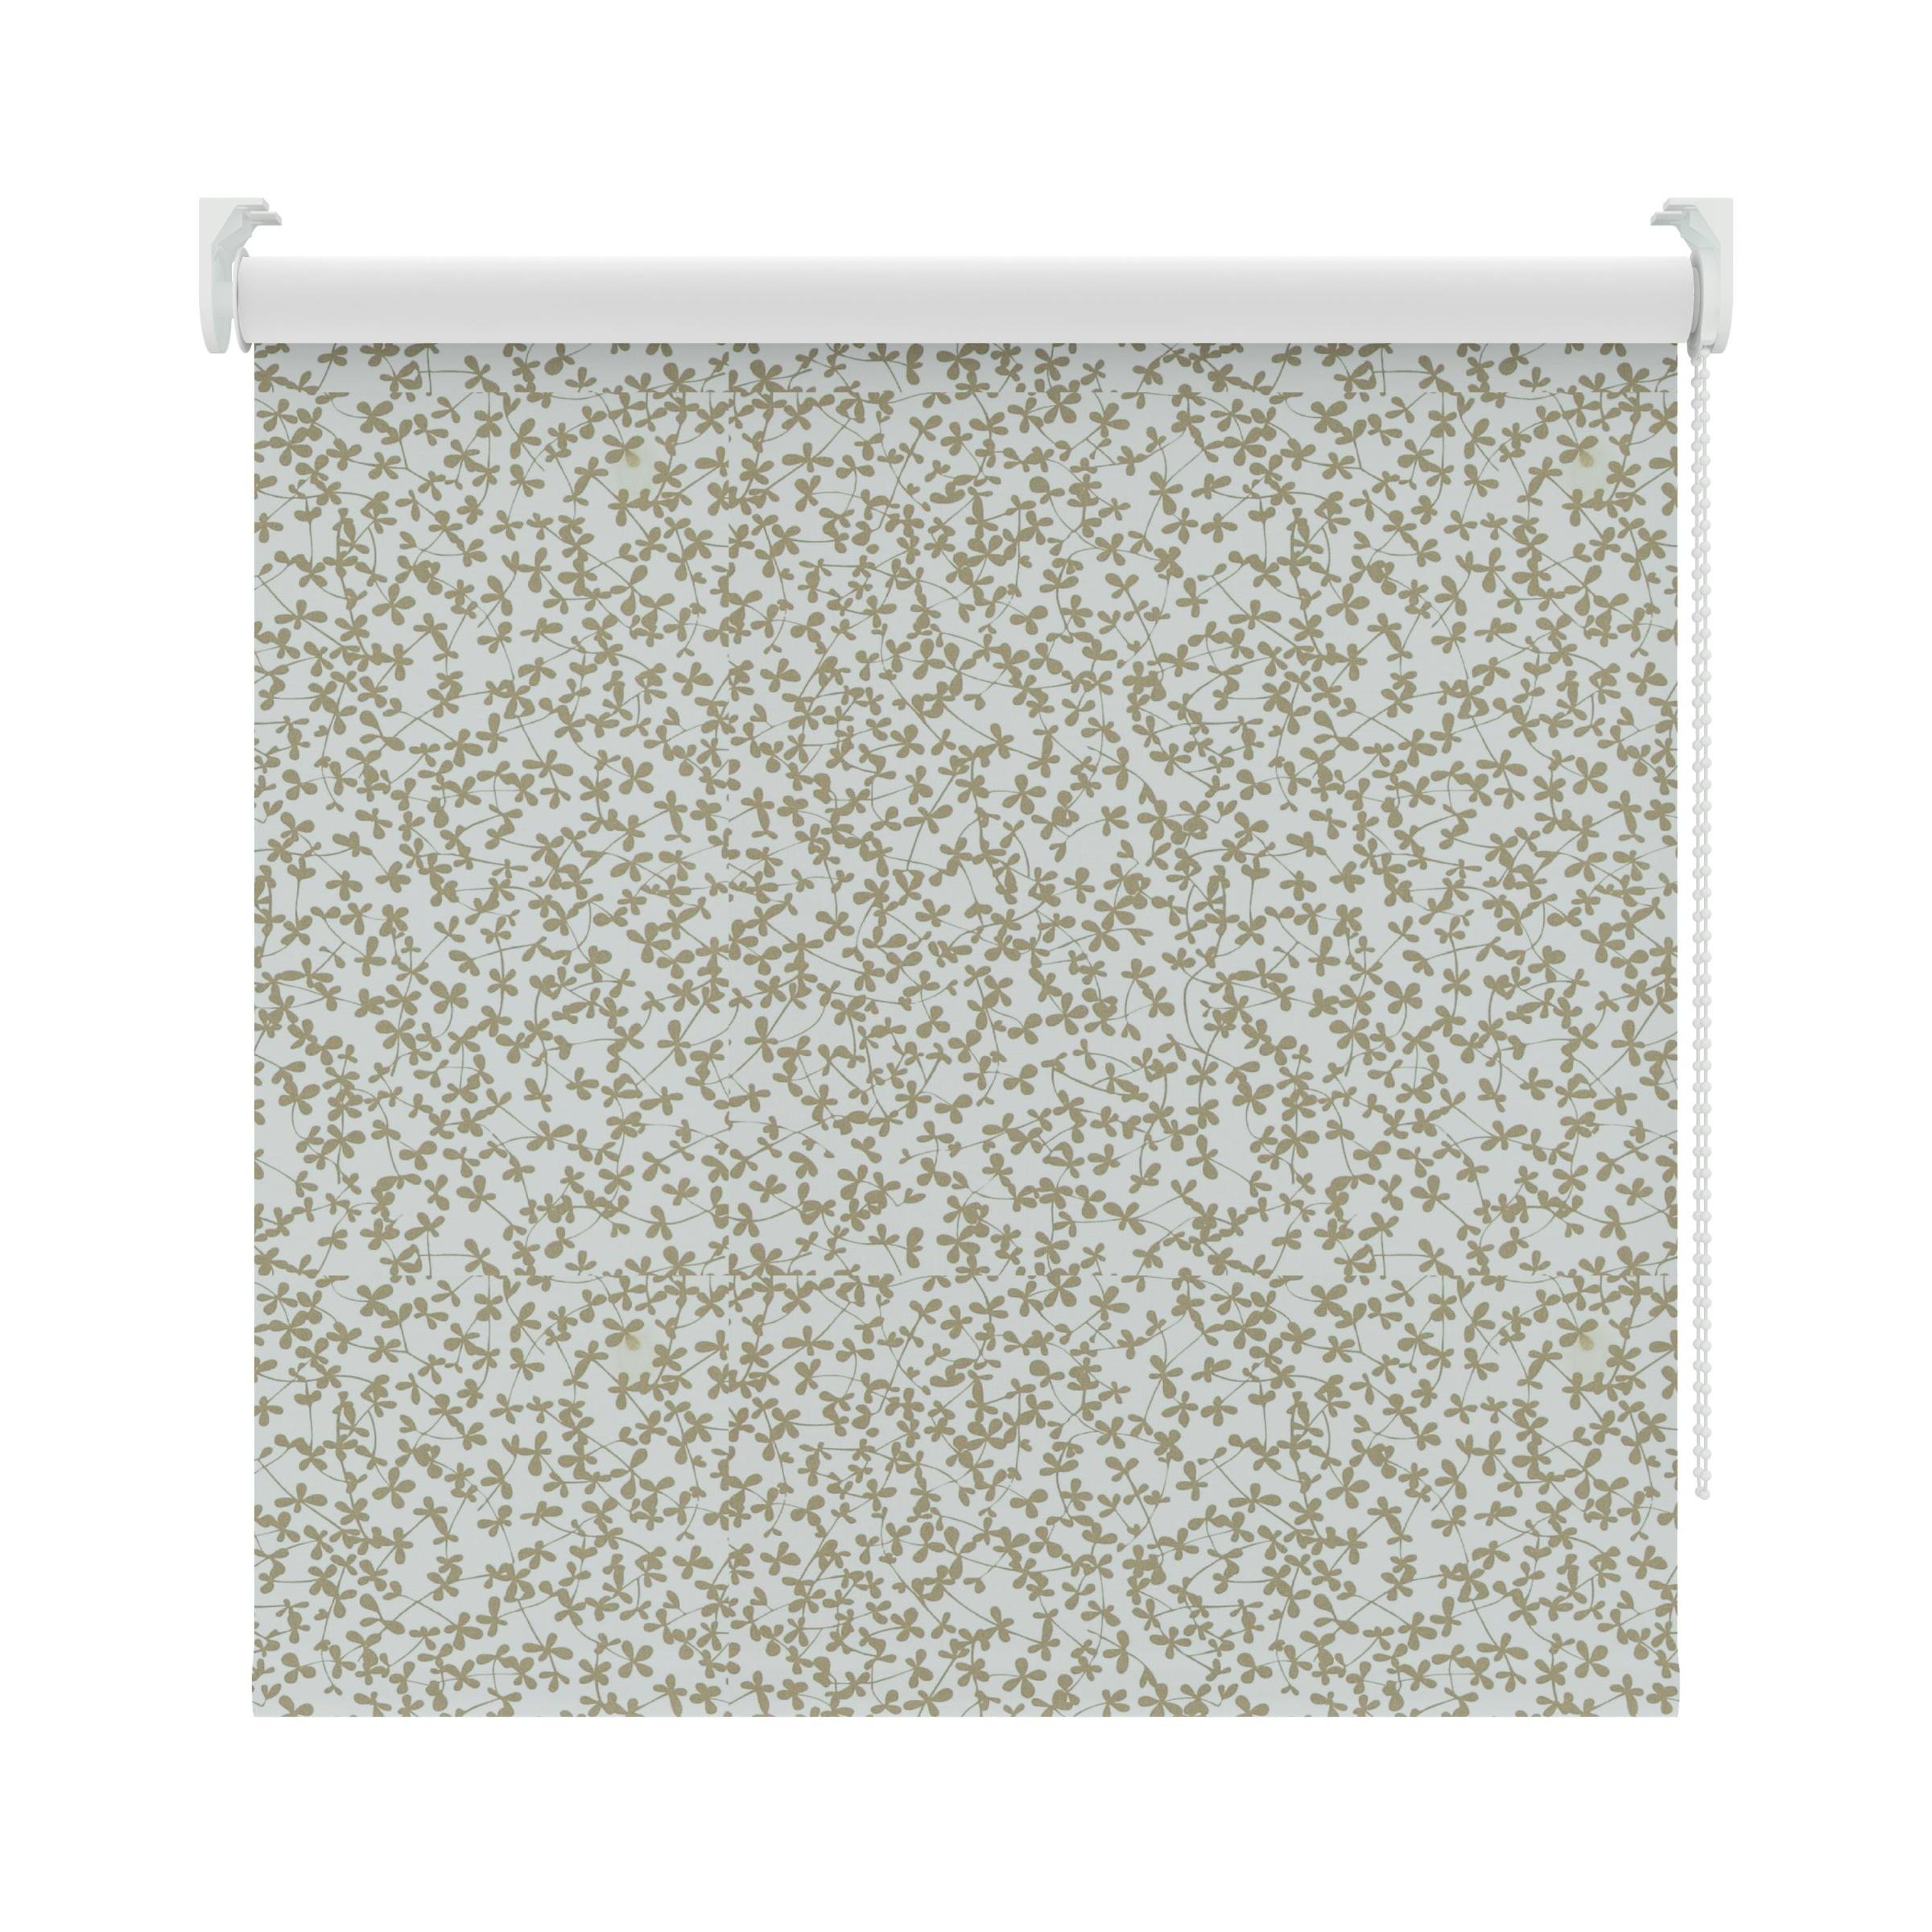 KARWEI rolgordijn bloemen taupe (3634) 150 x 190 cm   Rolgordijnen   Raamdecoratie   KARWEI